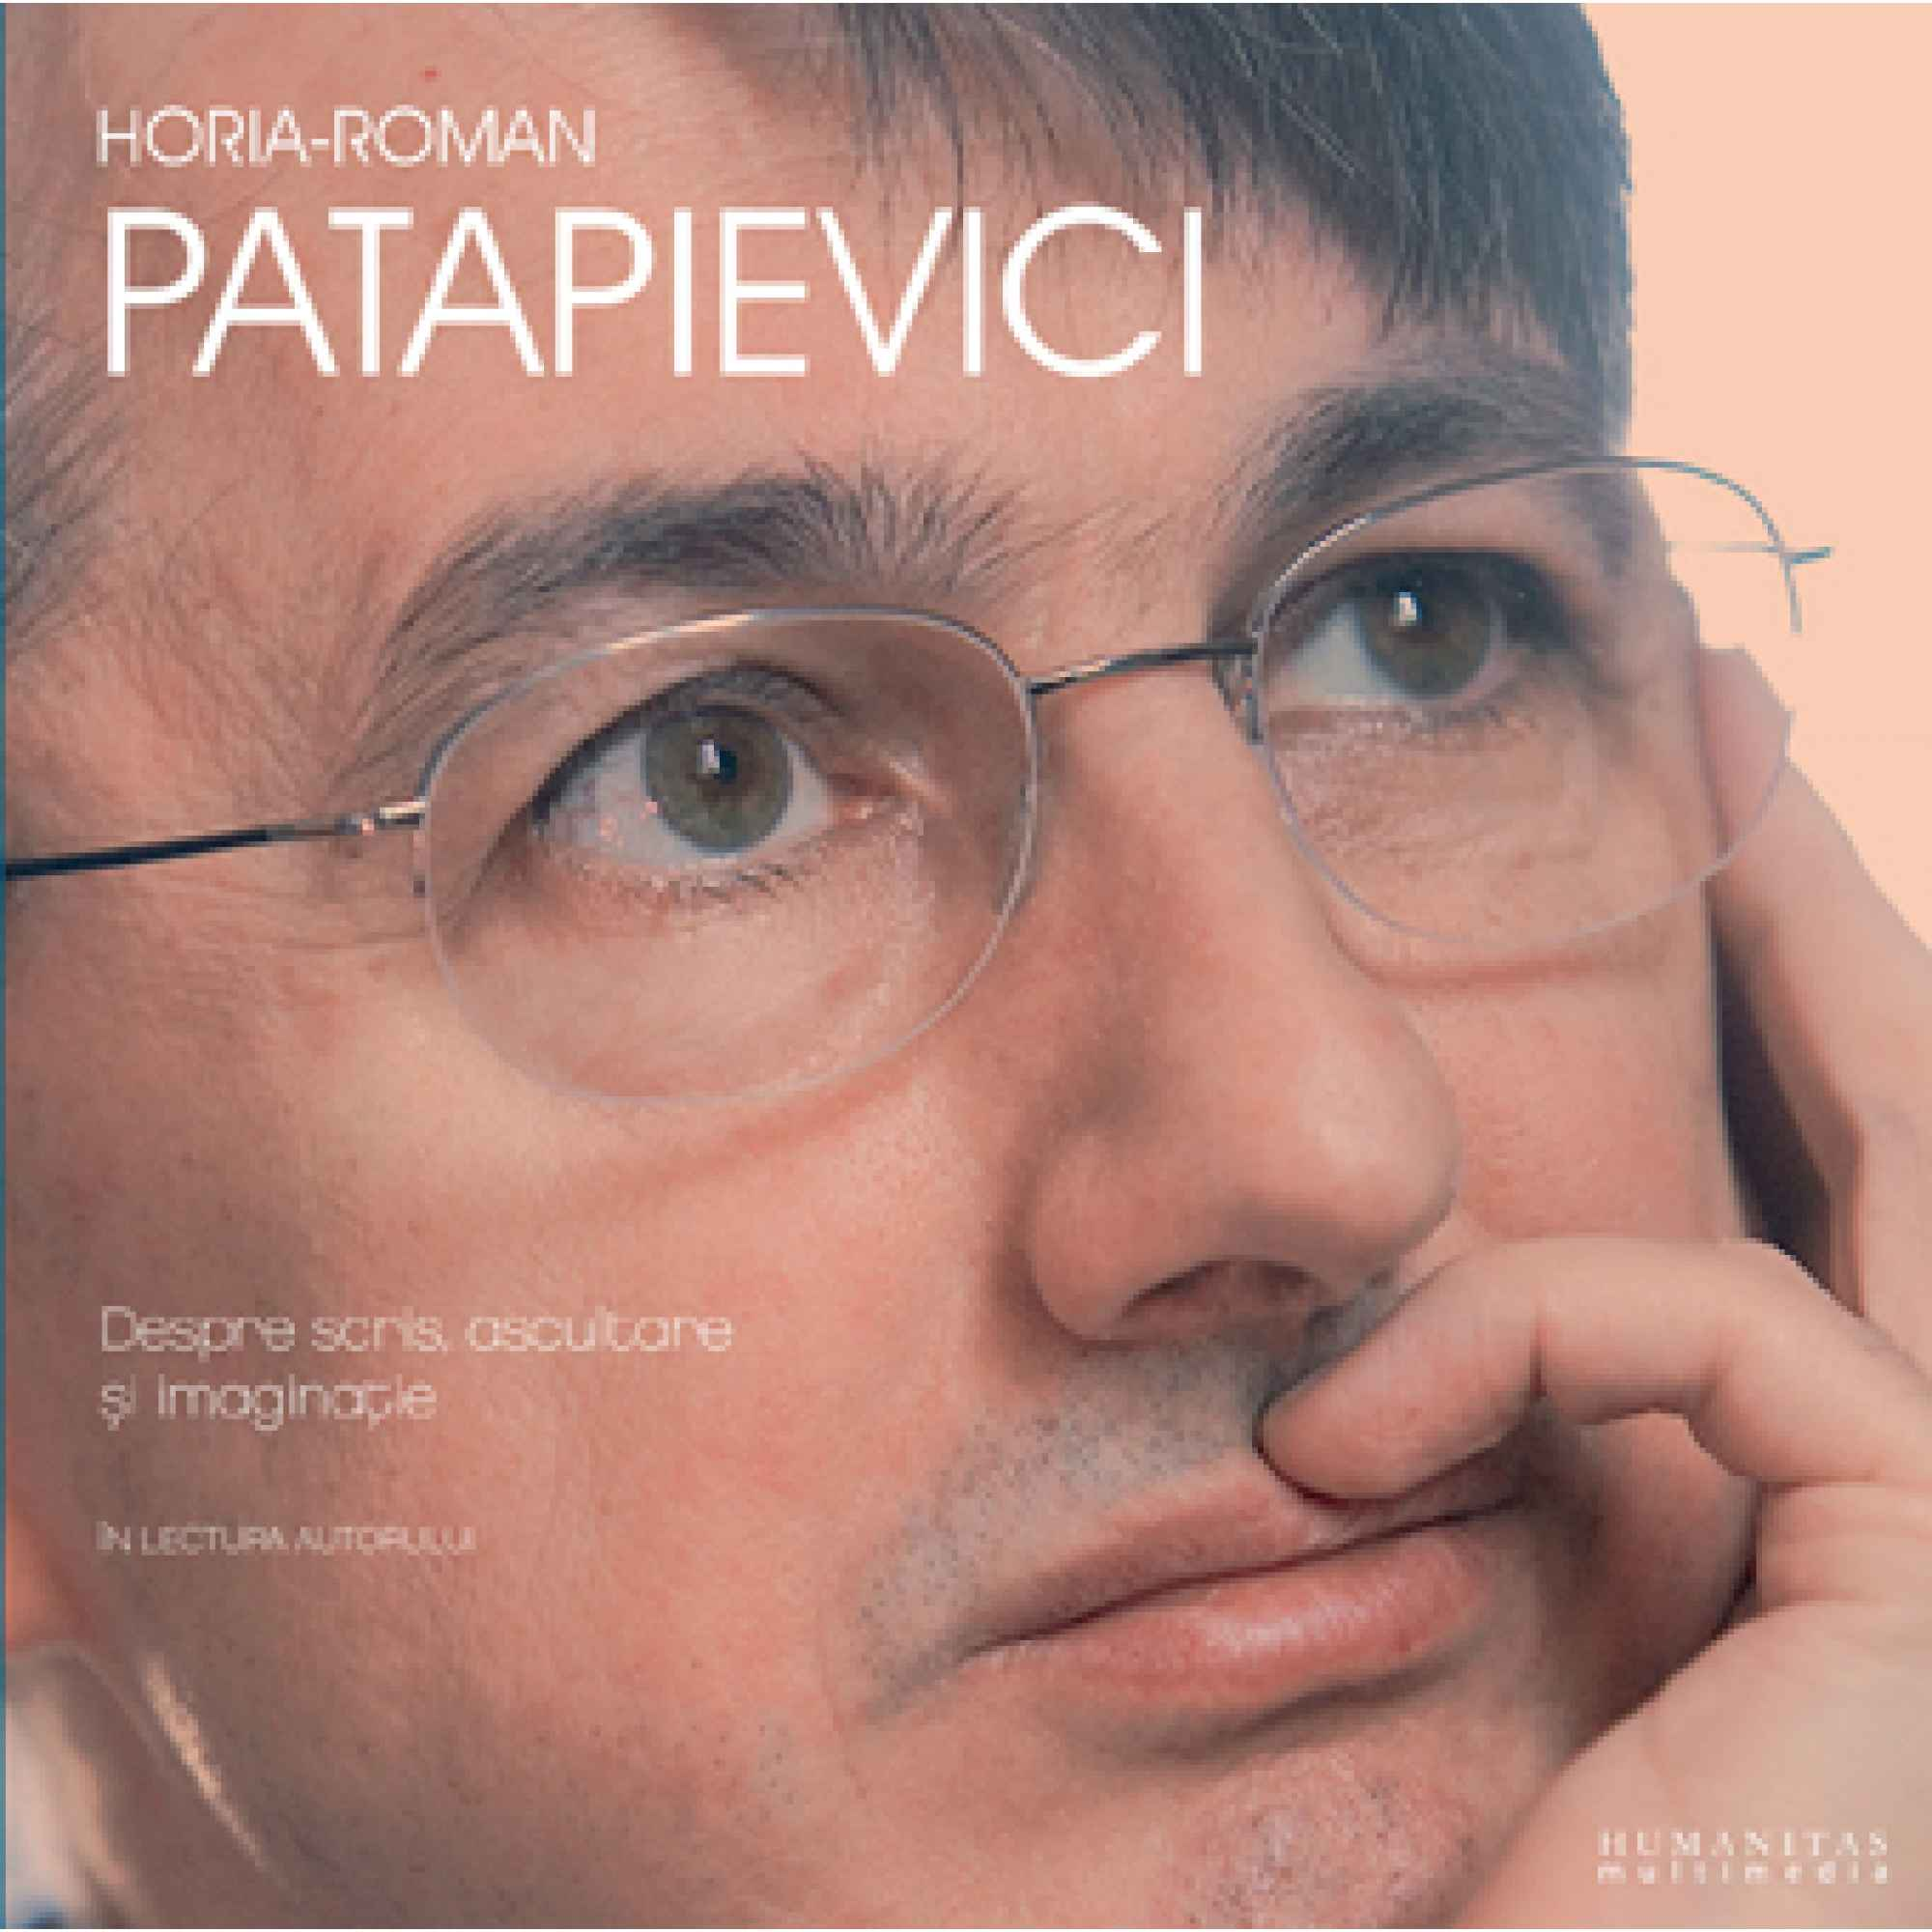 Despre scris, ascultare și imaginație; Horia-Roman Patapievici